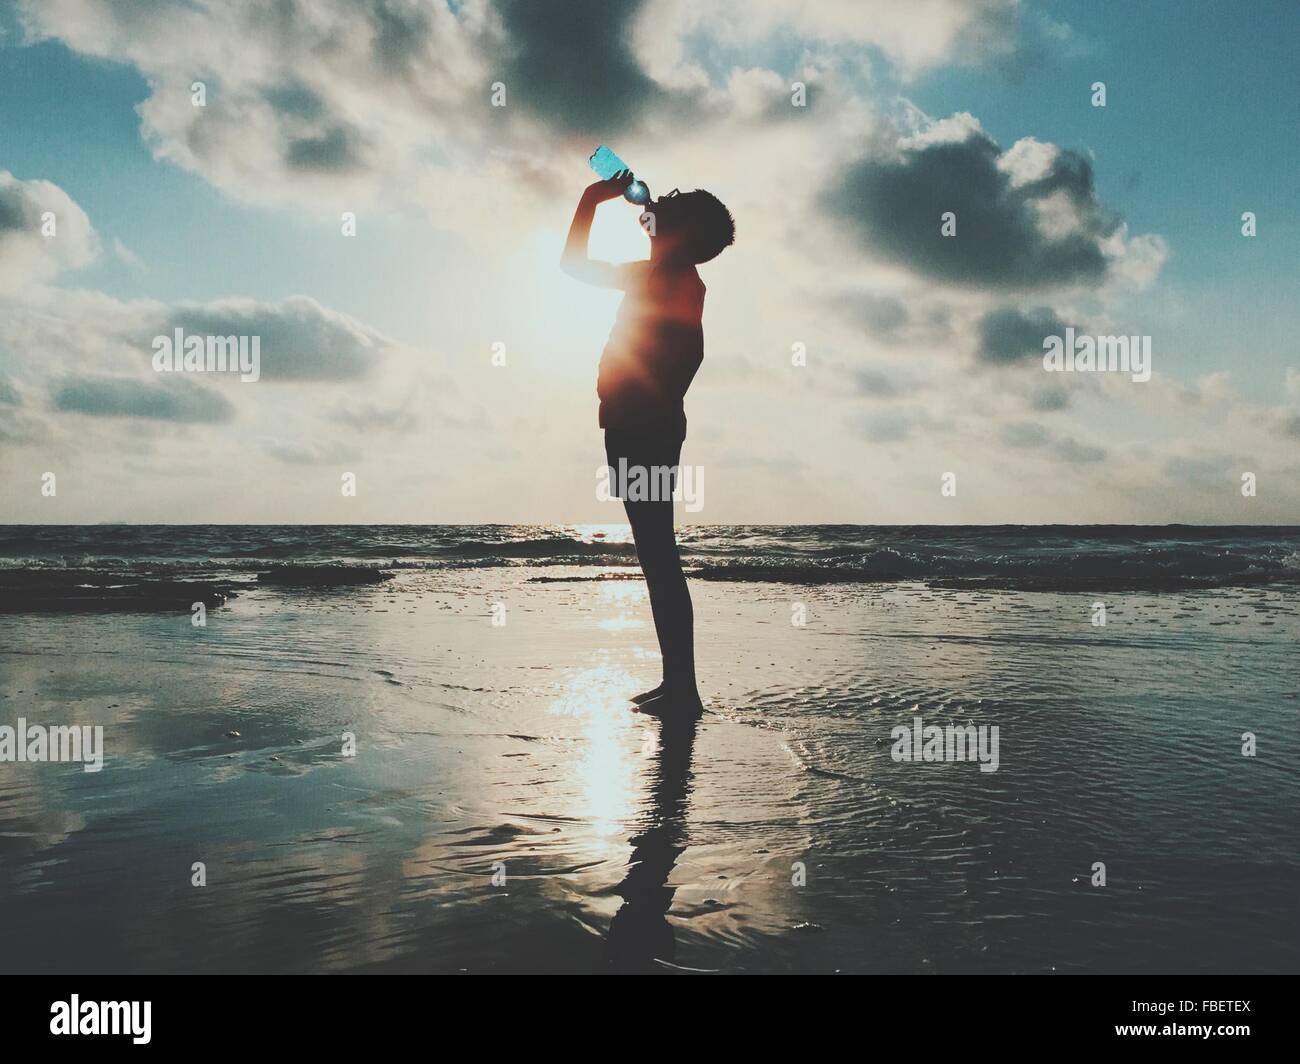 Vue latérale d'Homme debout et l'eau potable à bord de mer contre Ciel nuageux Banque D'Images